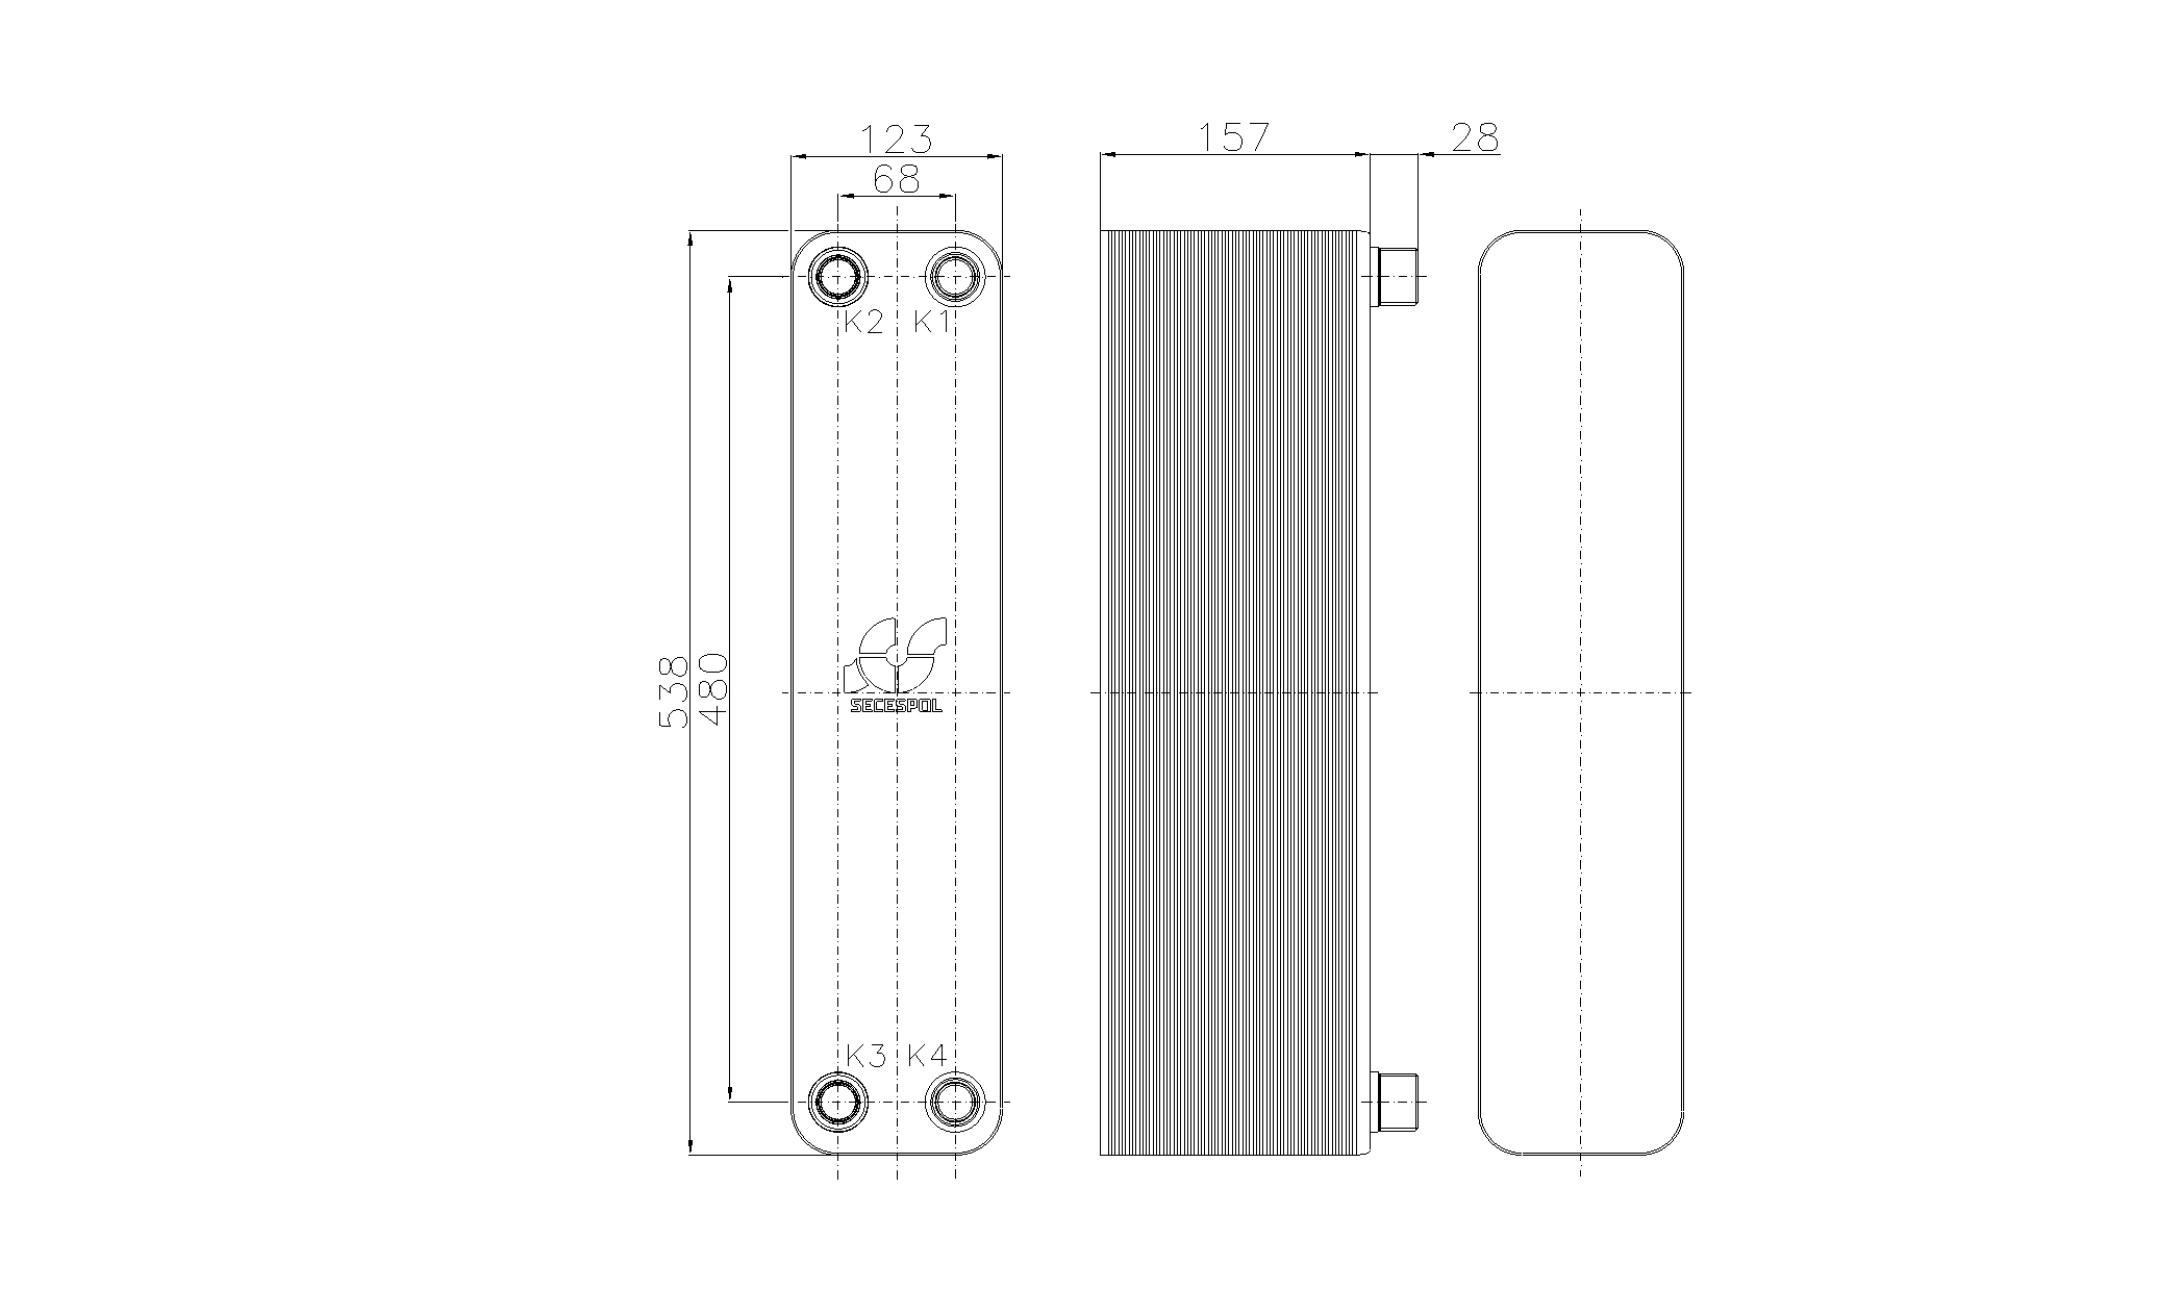 Габаритные размеры паяного пластинчатого теплообменника Secespol RB60-60